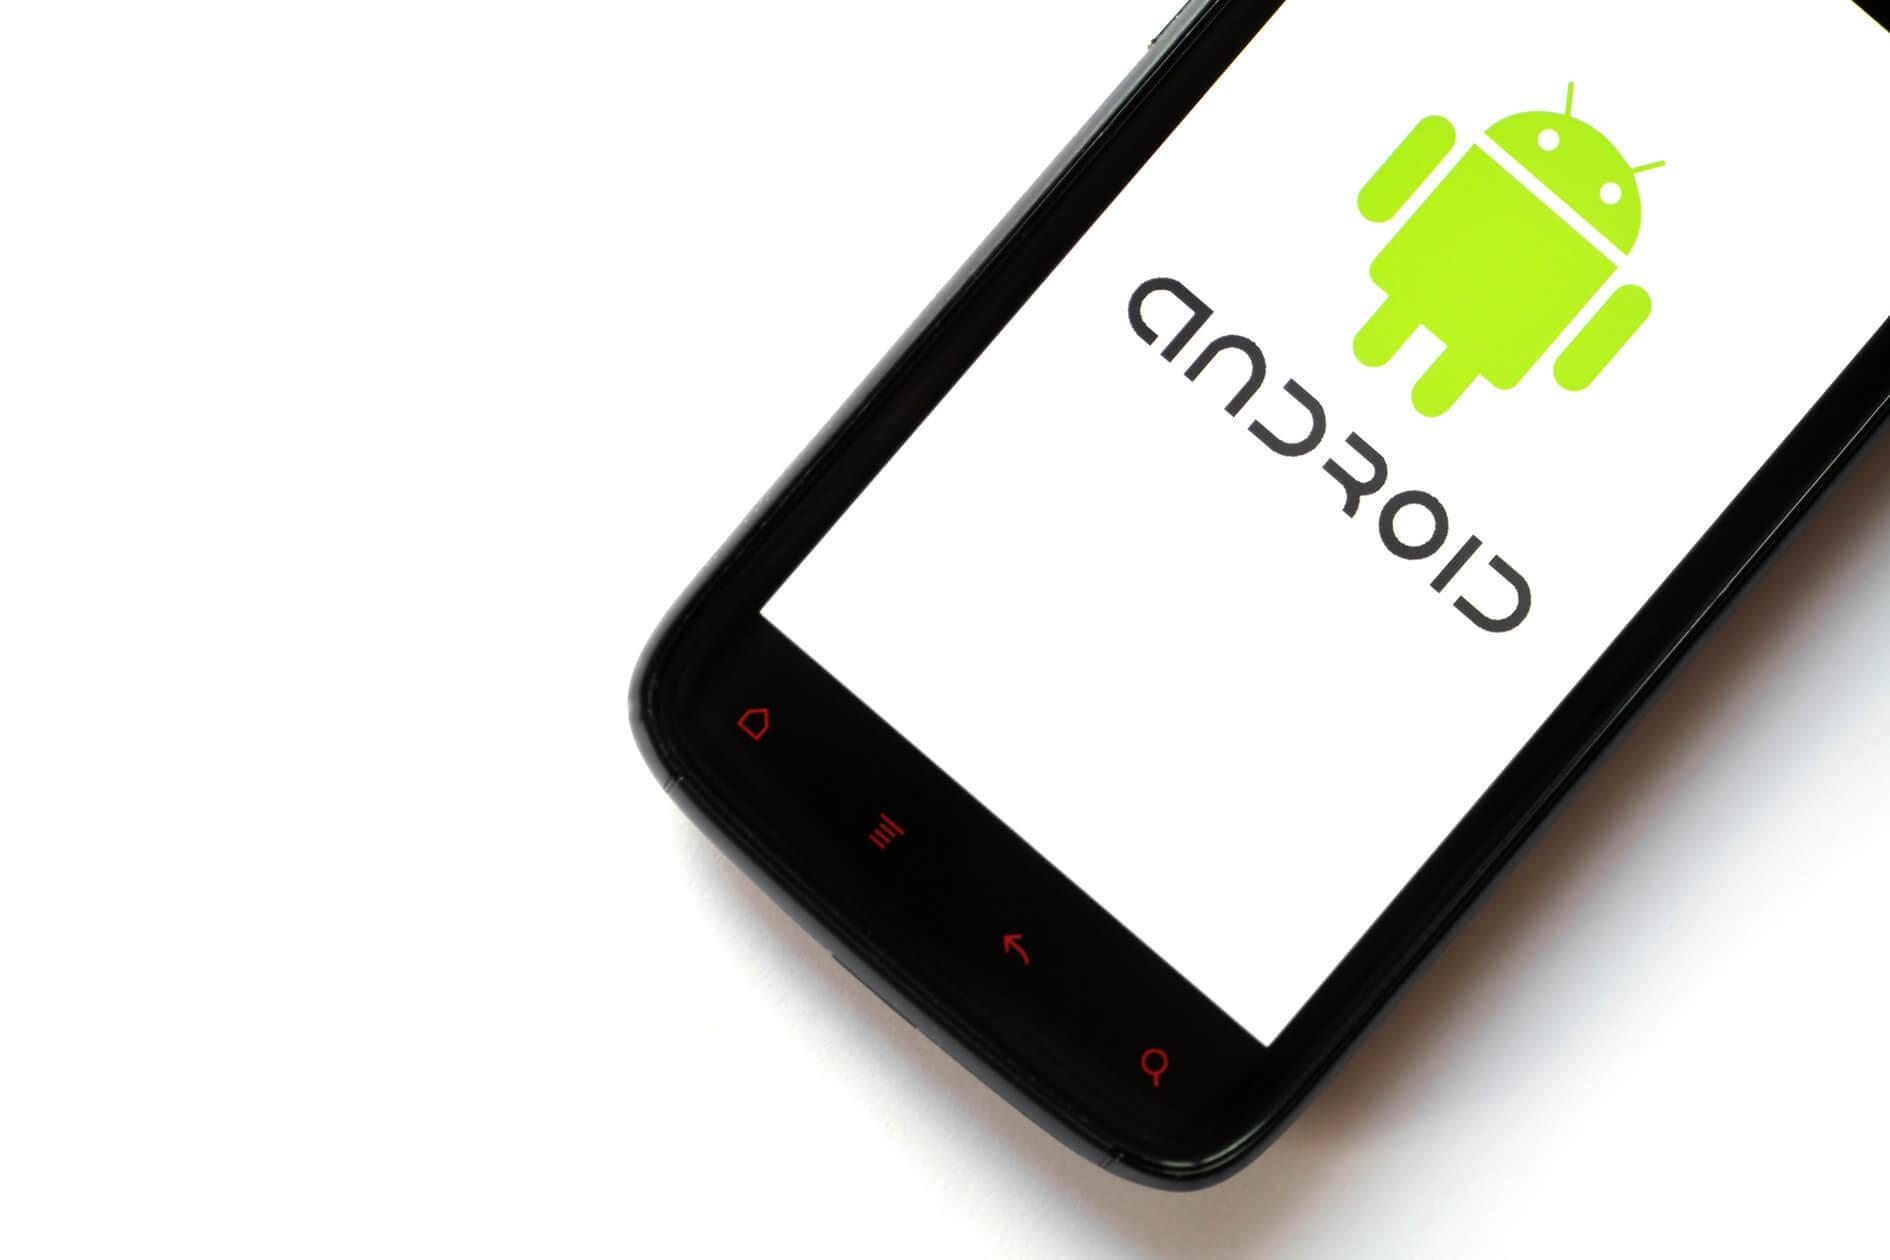 【はじめてのAndroidアプリ開発】寄付機能の体験(テスト課金&実課金)